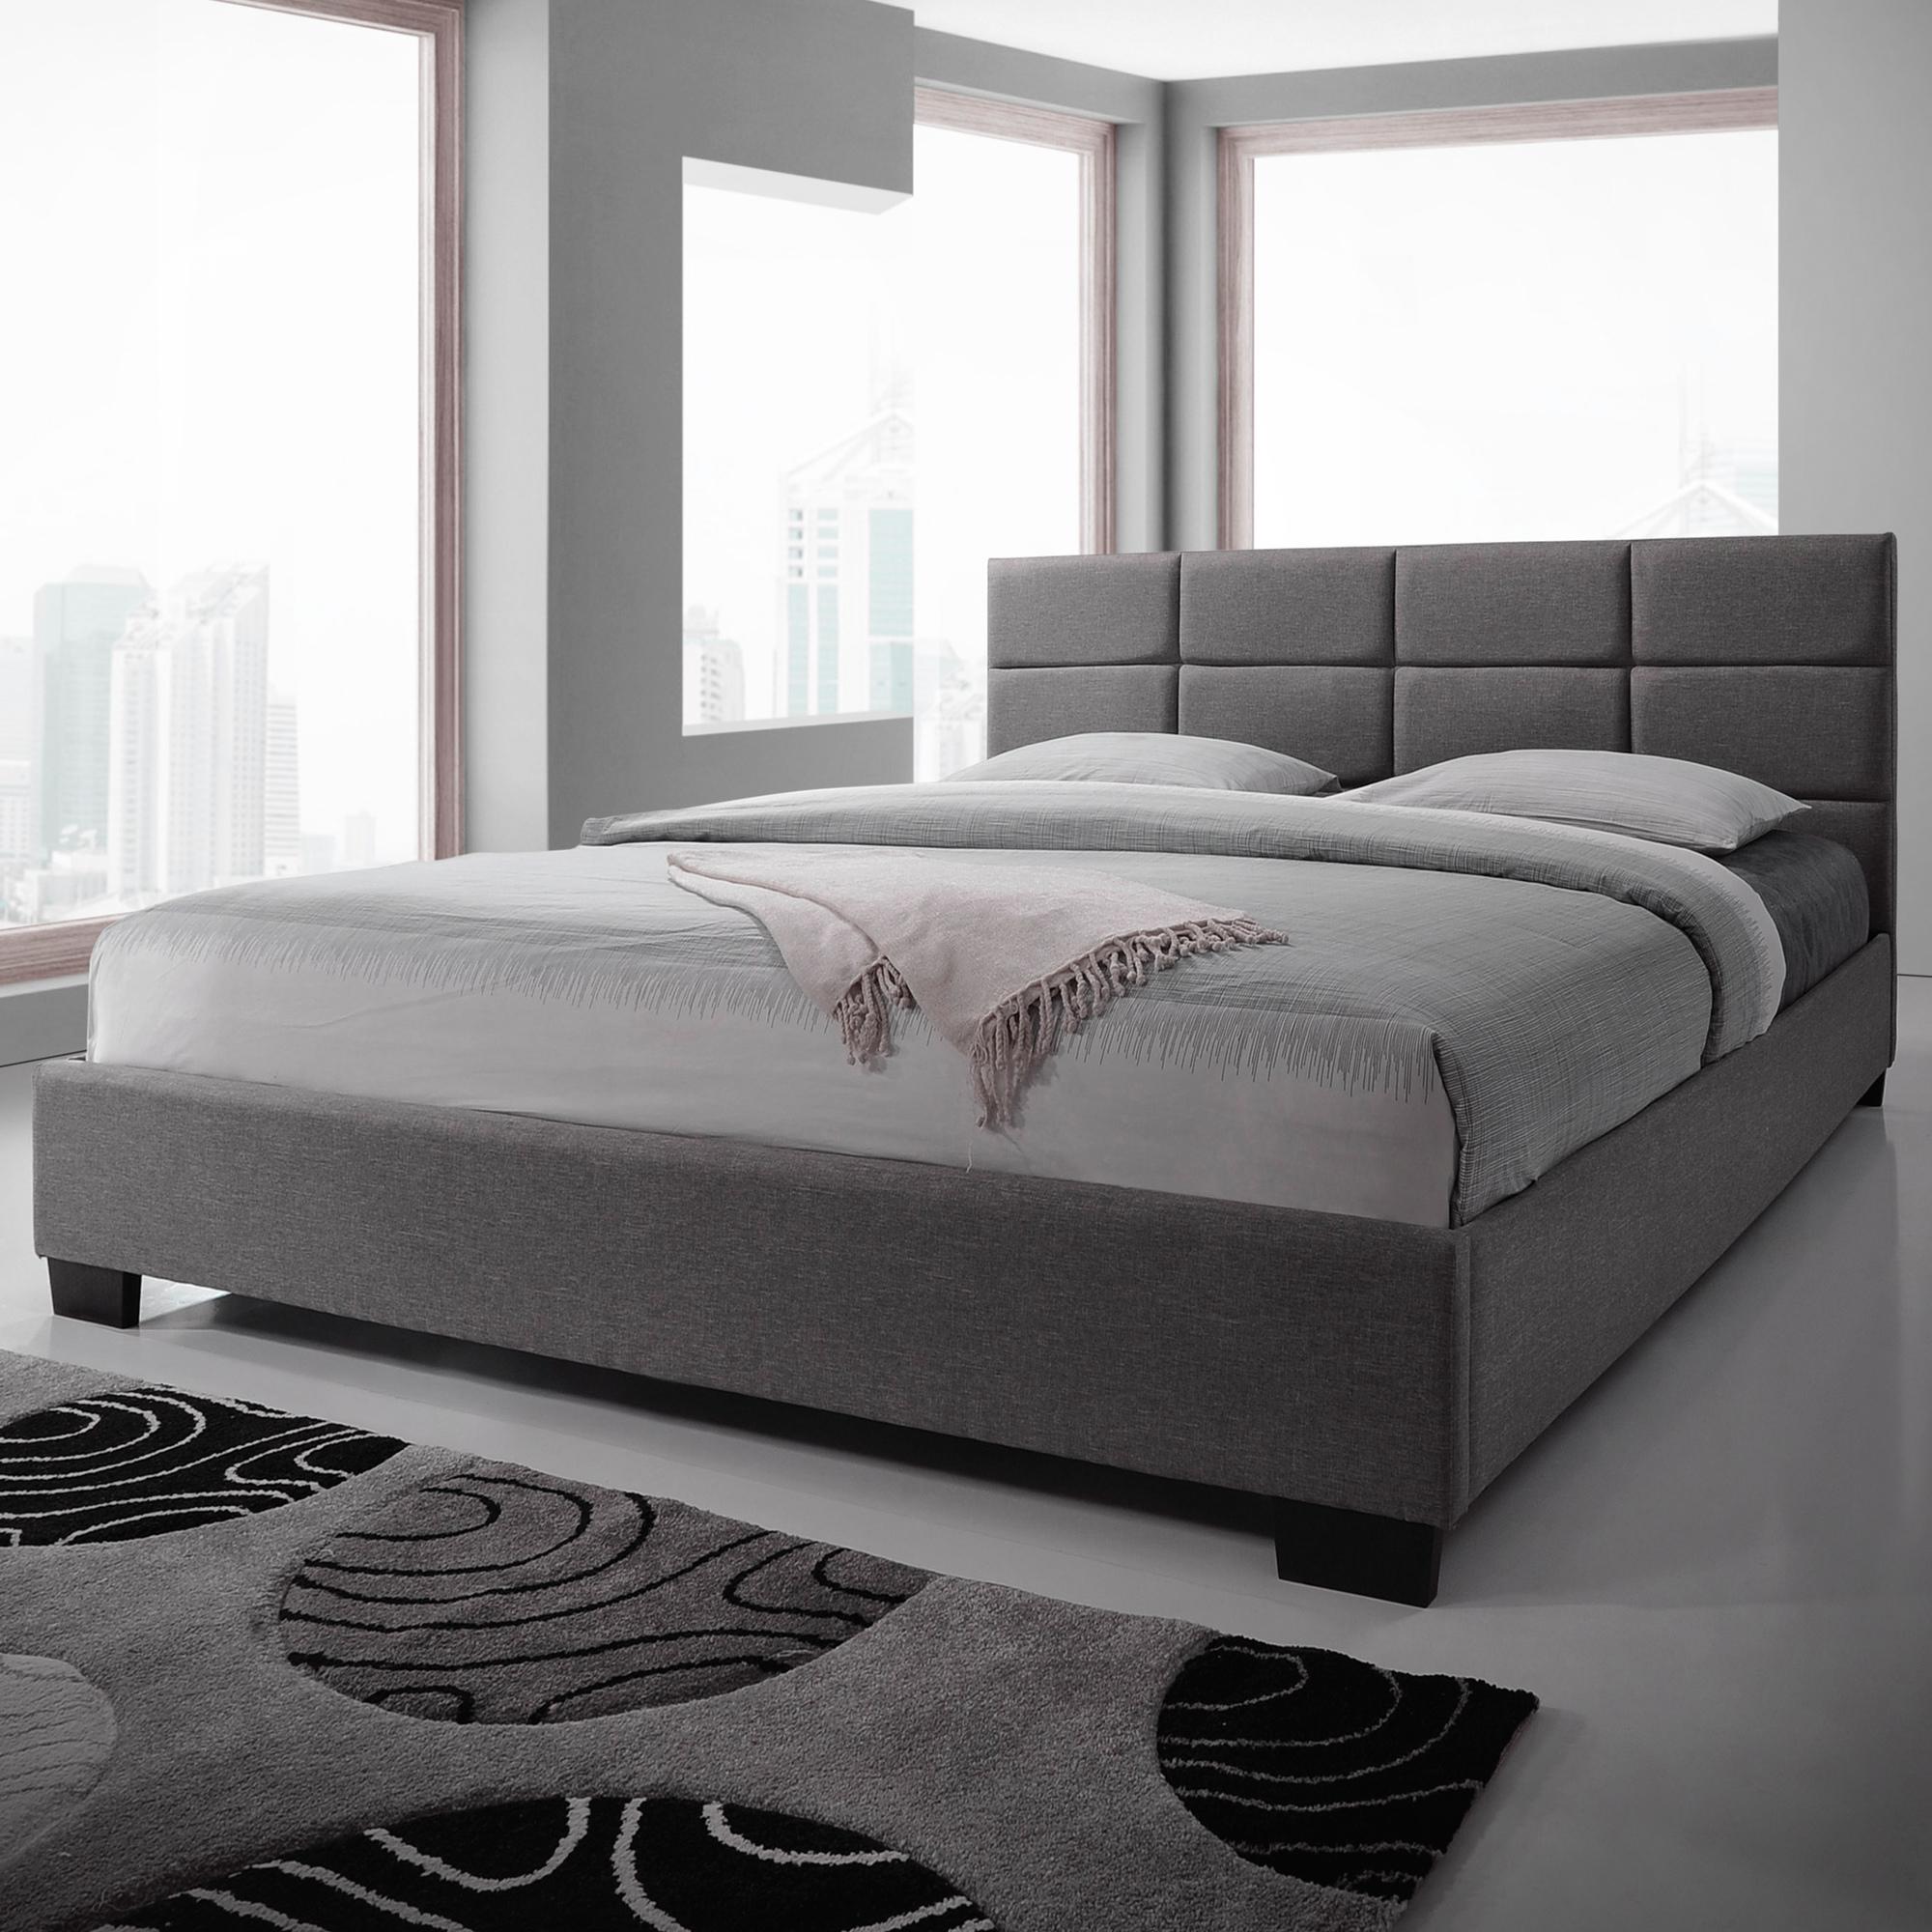 New Light Grey Liam Upholstered Bed Frame Vic Furniture Beds Ebay